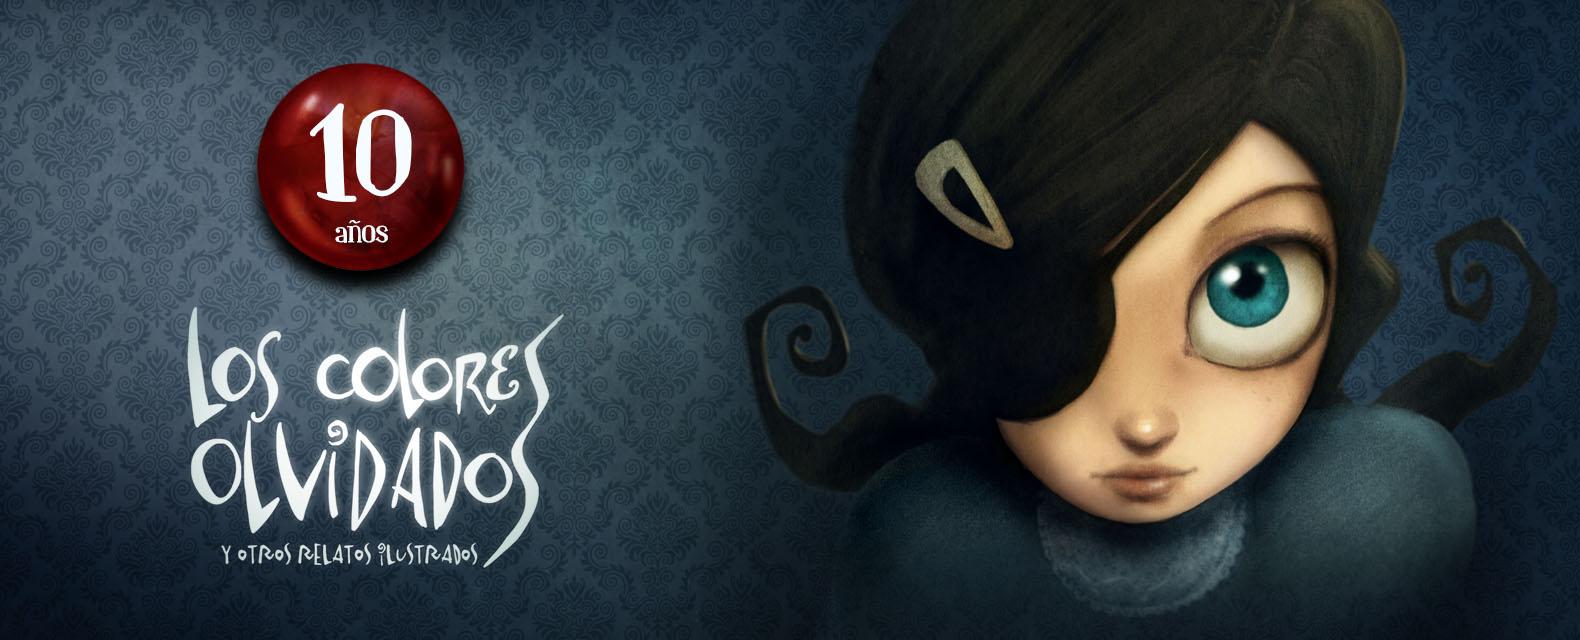 ilustración niña mirada décimo aniversario de los colores olvidados y carmesina gato negro libro infantil juvenil con 15 relatos